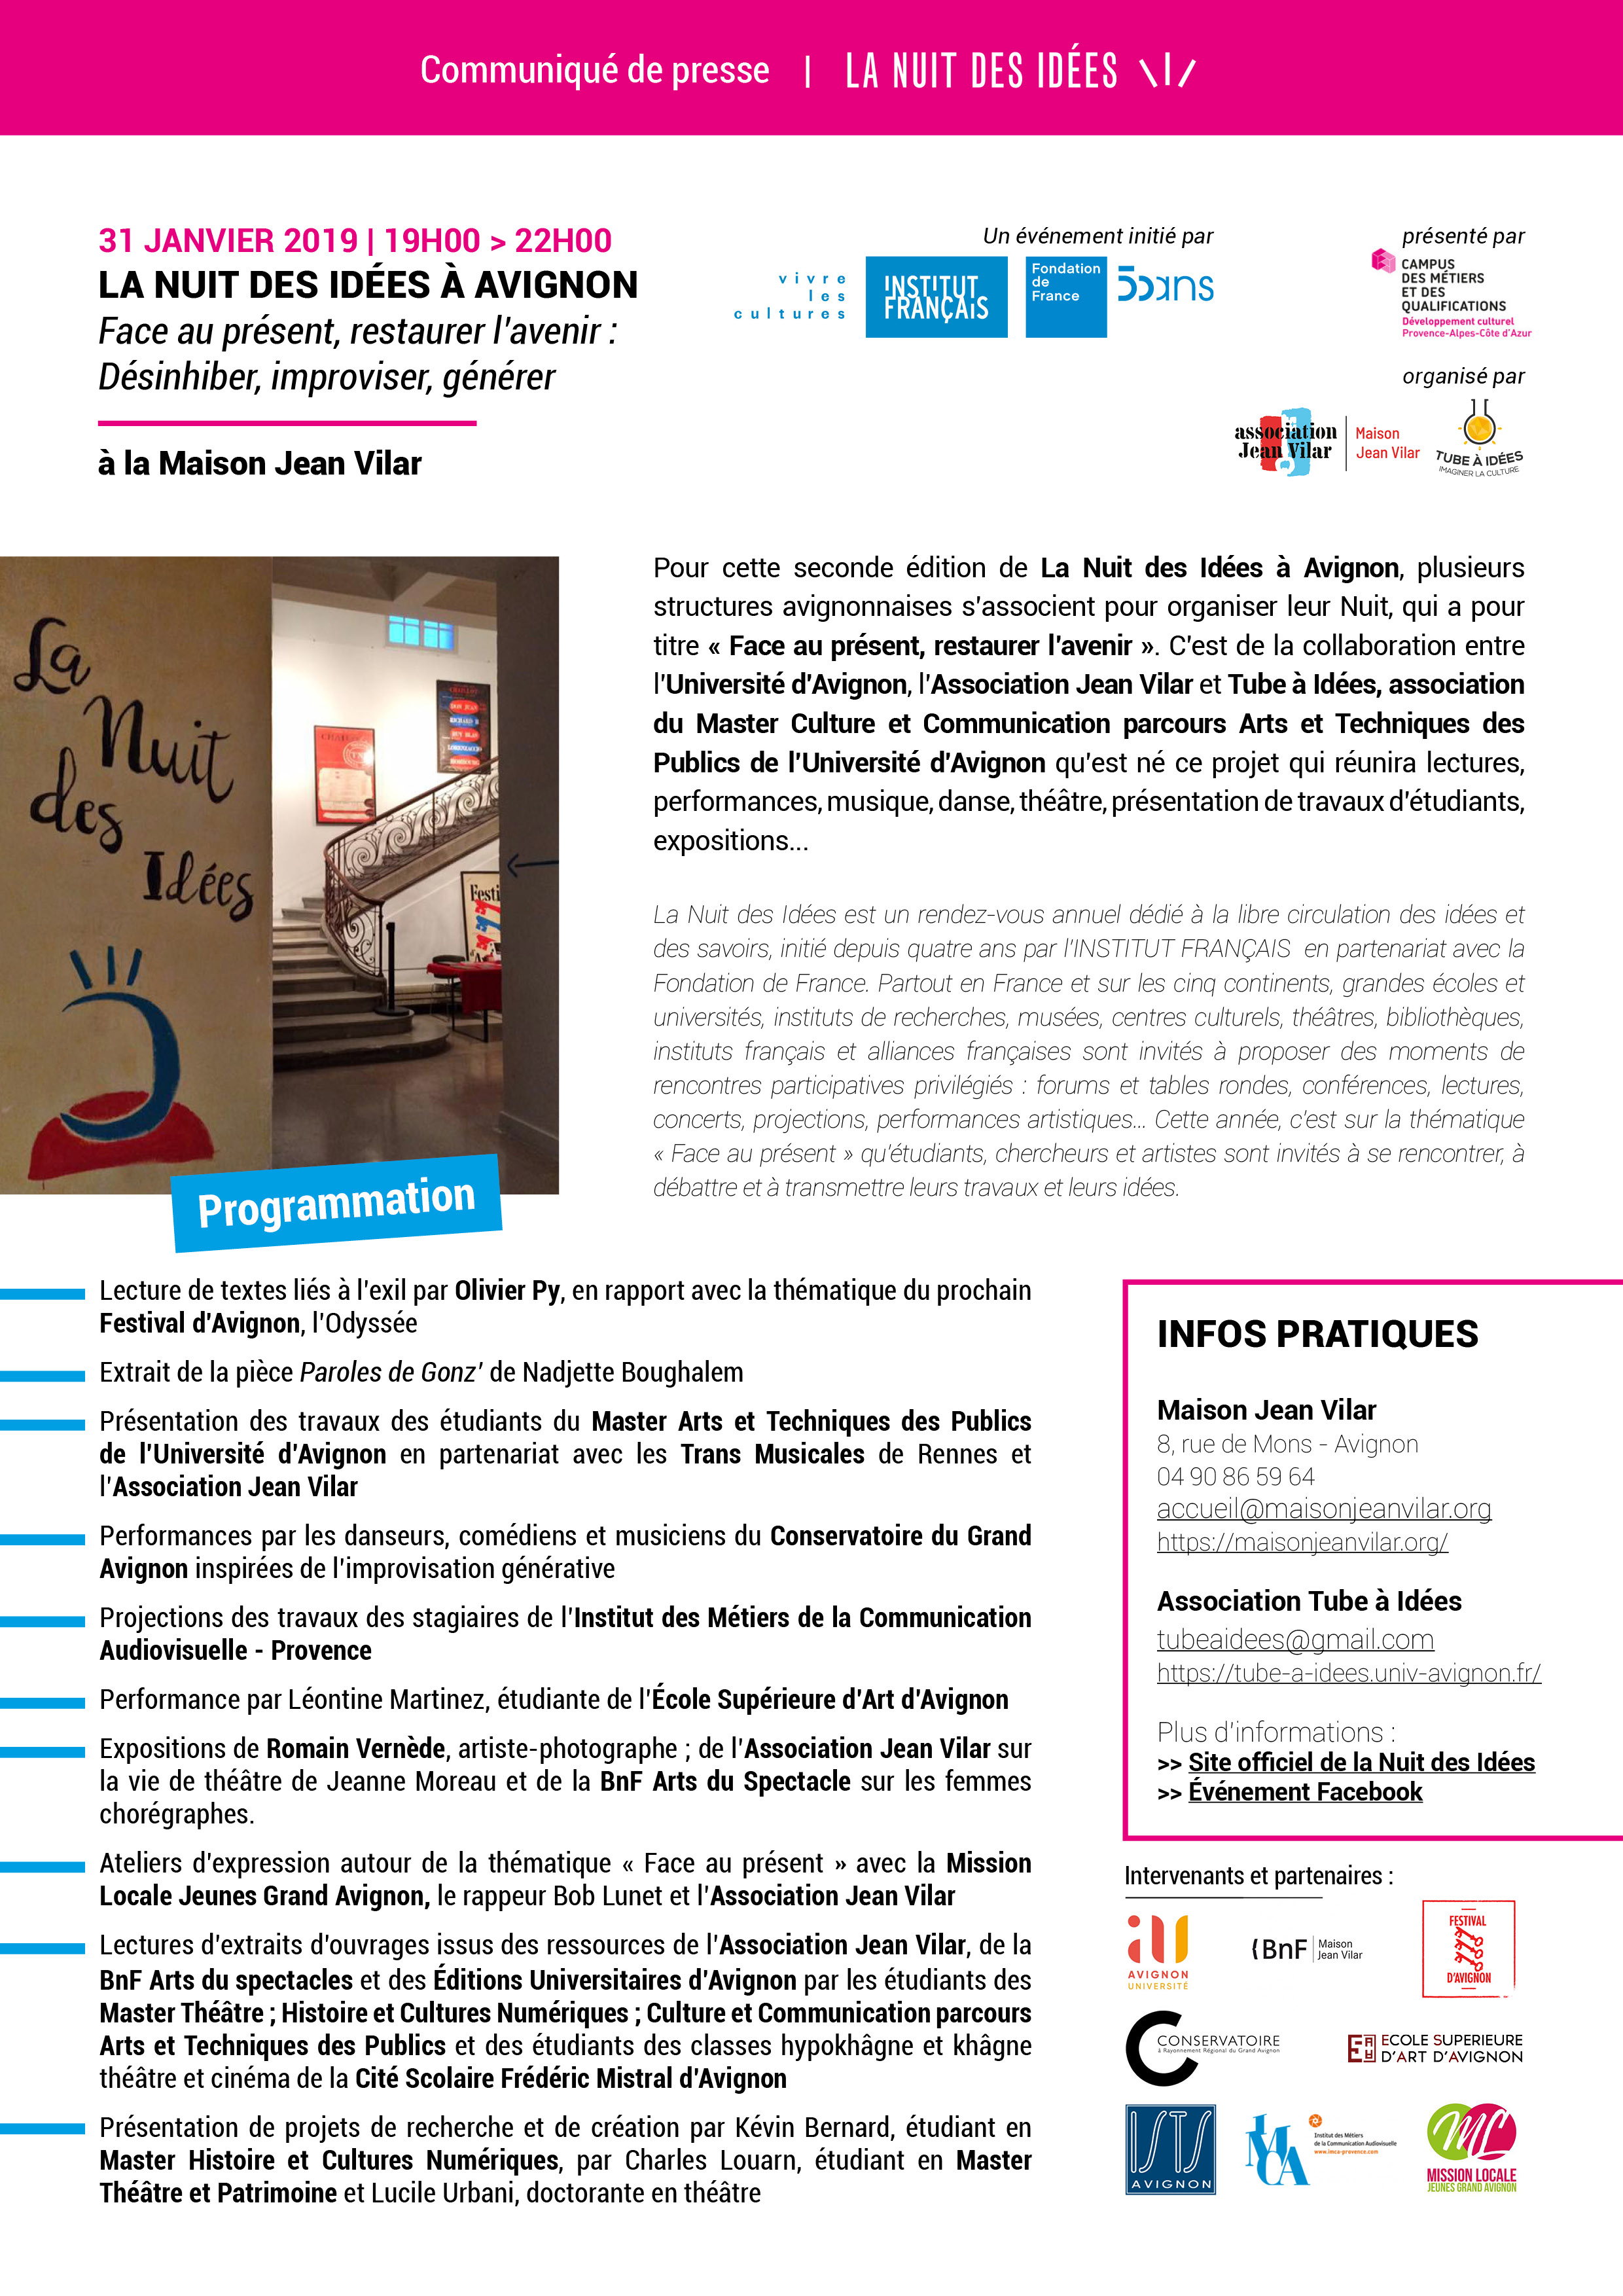 La Nuit des Idées à Avignon - 31 janvier 2019 - à la Maison Jean Vilar